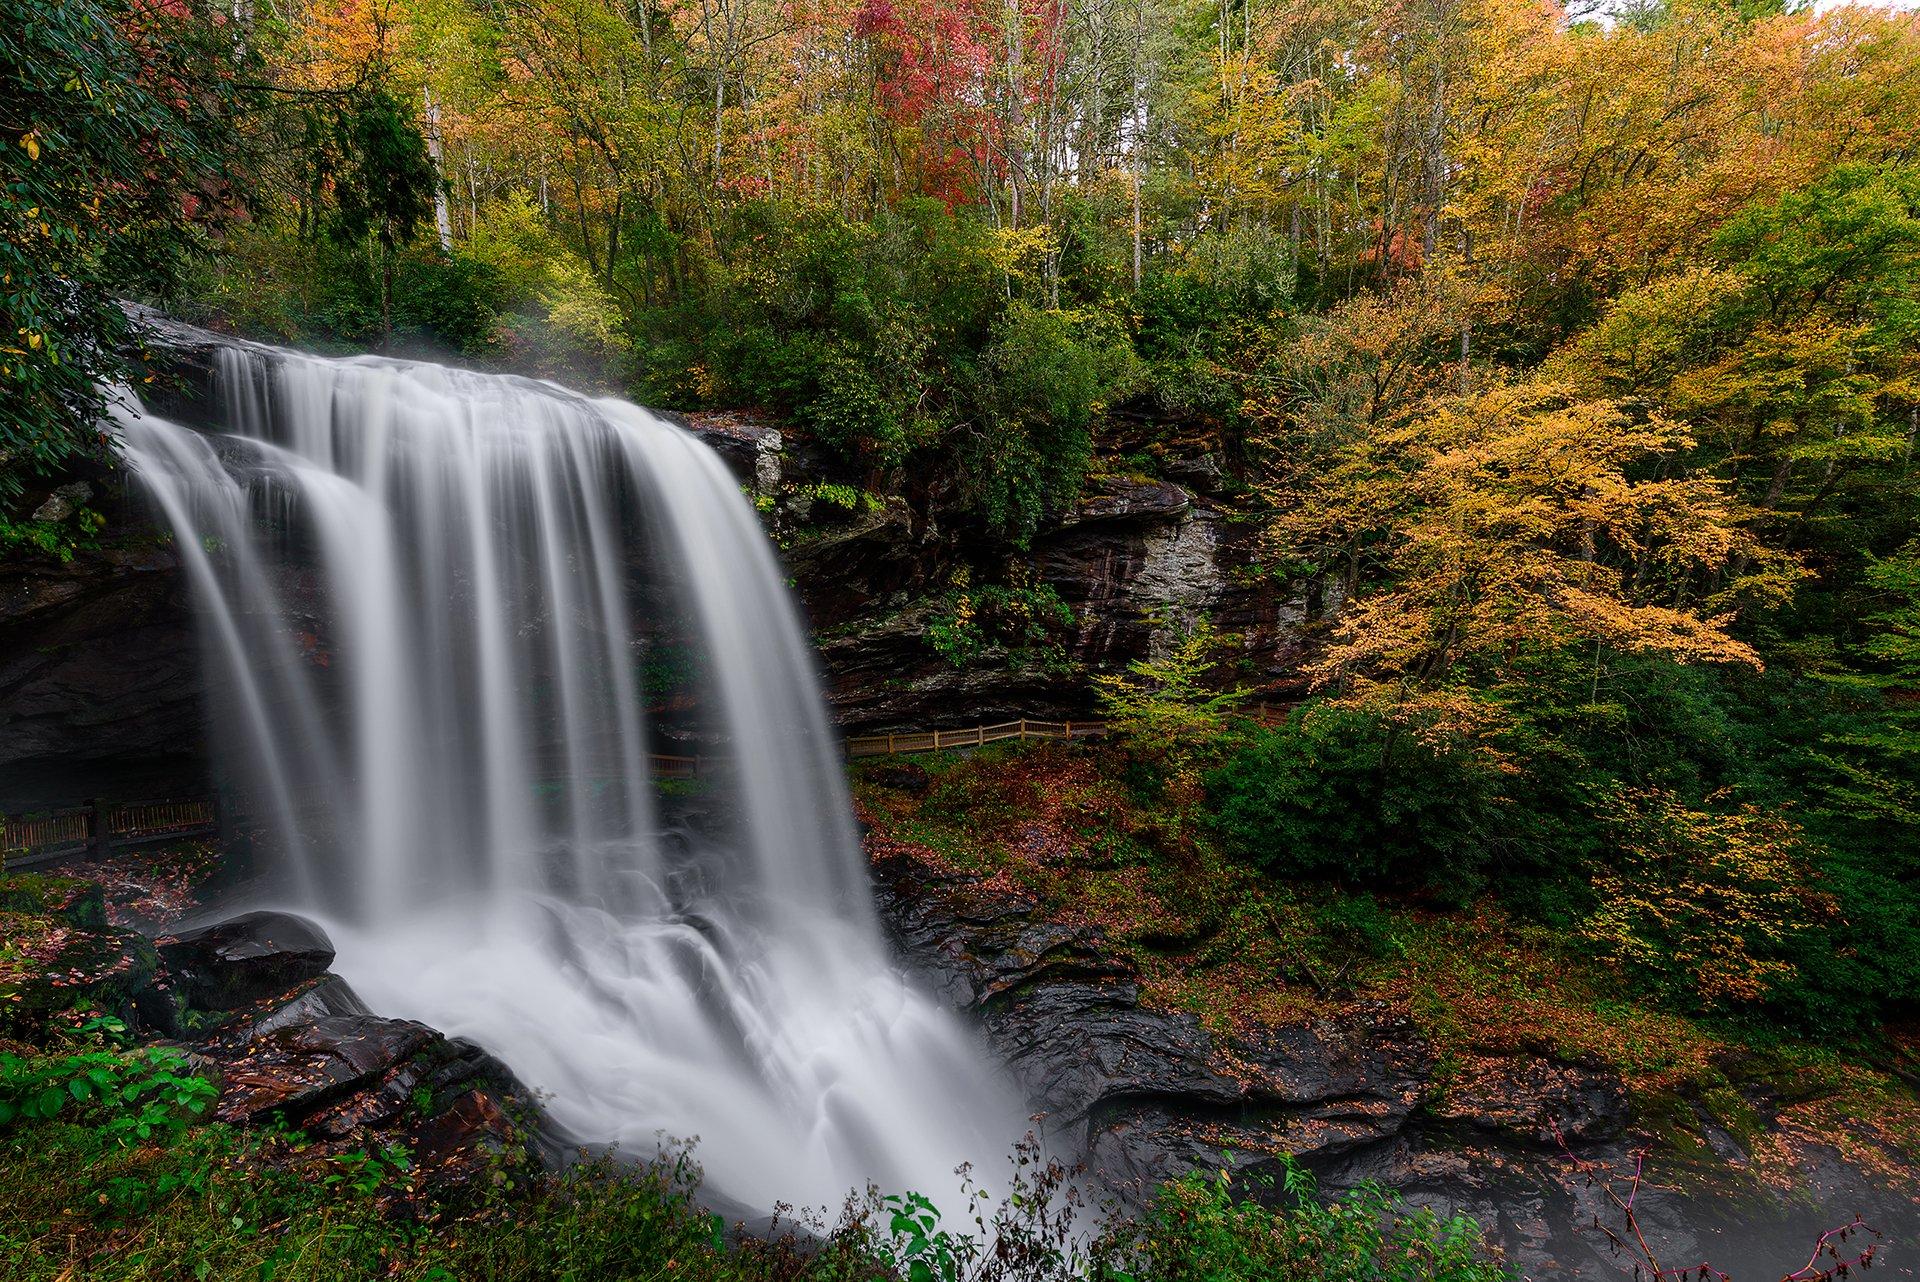 Galaxy S4 Fall Wallpaper Autumn At Dry Falls Highlands North Carolina Hd Wallpaper